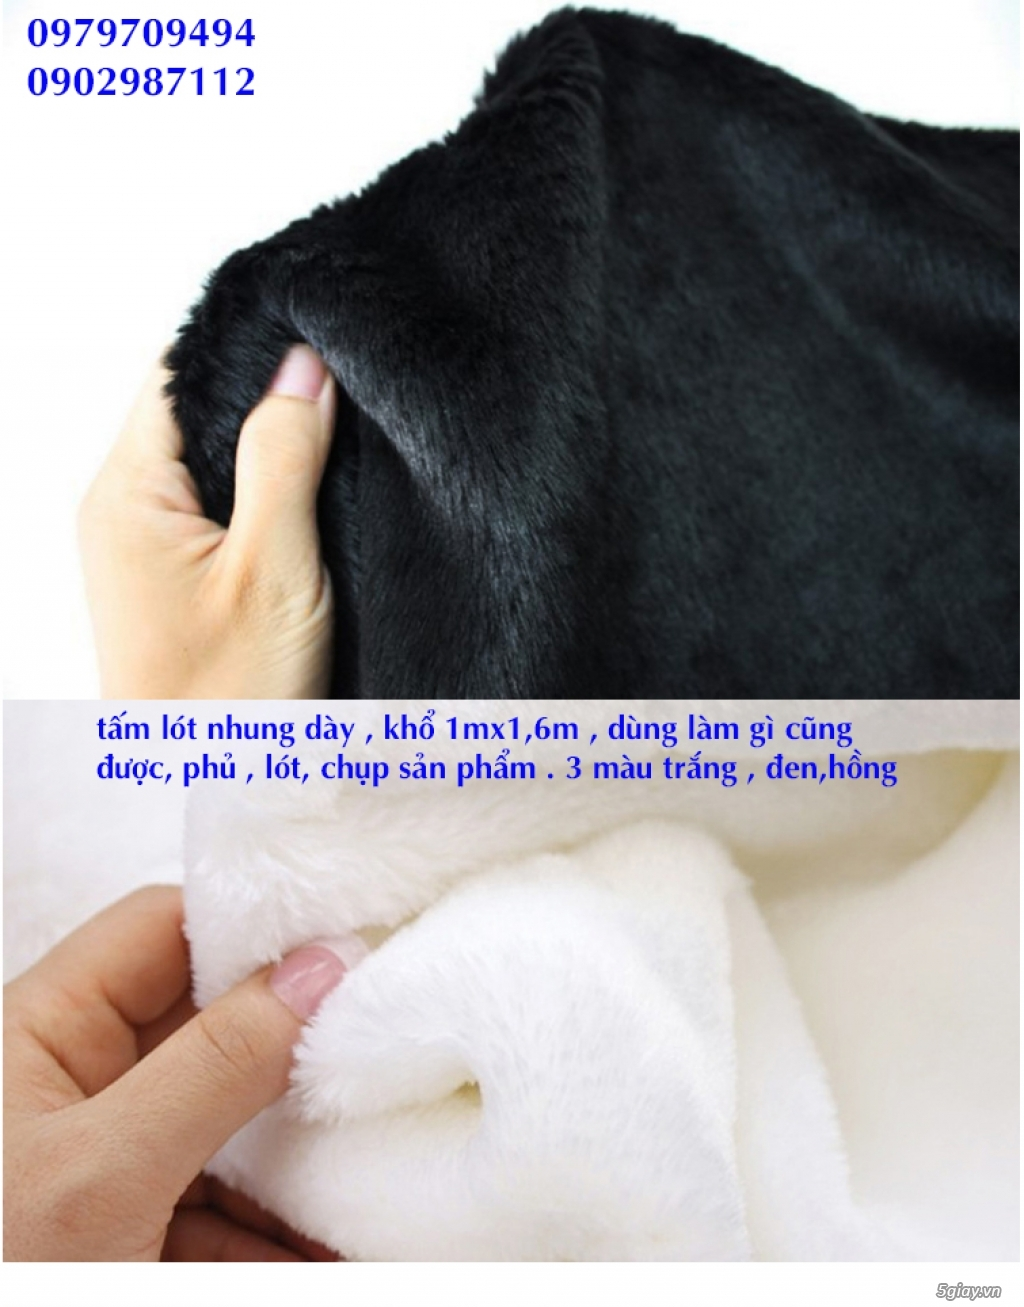 shop manocanh treo , móc áo nhung, inoc, gỗ, nhựa đủ loại dành cho shop & gia đình - 47